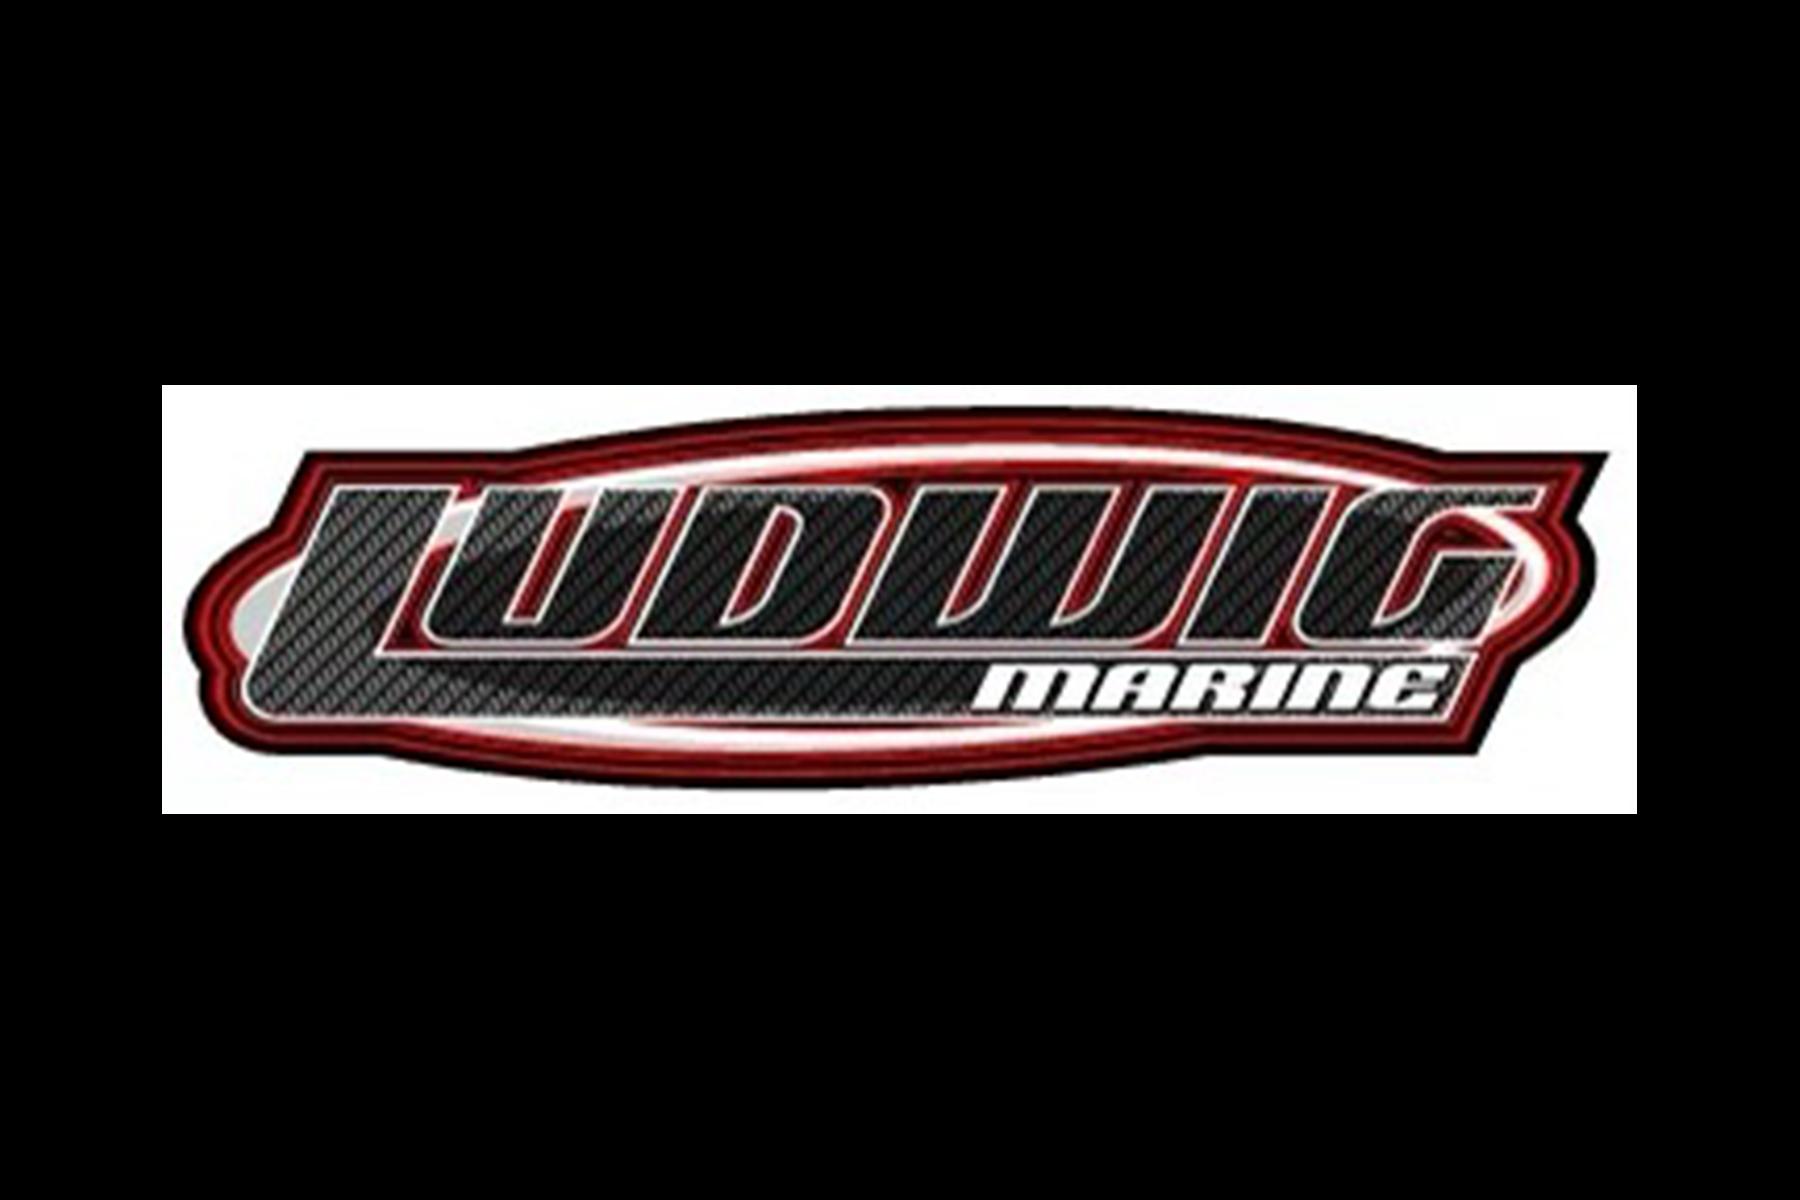 Ludwig marine logo